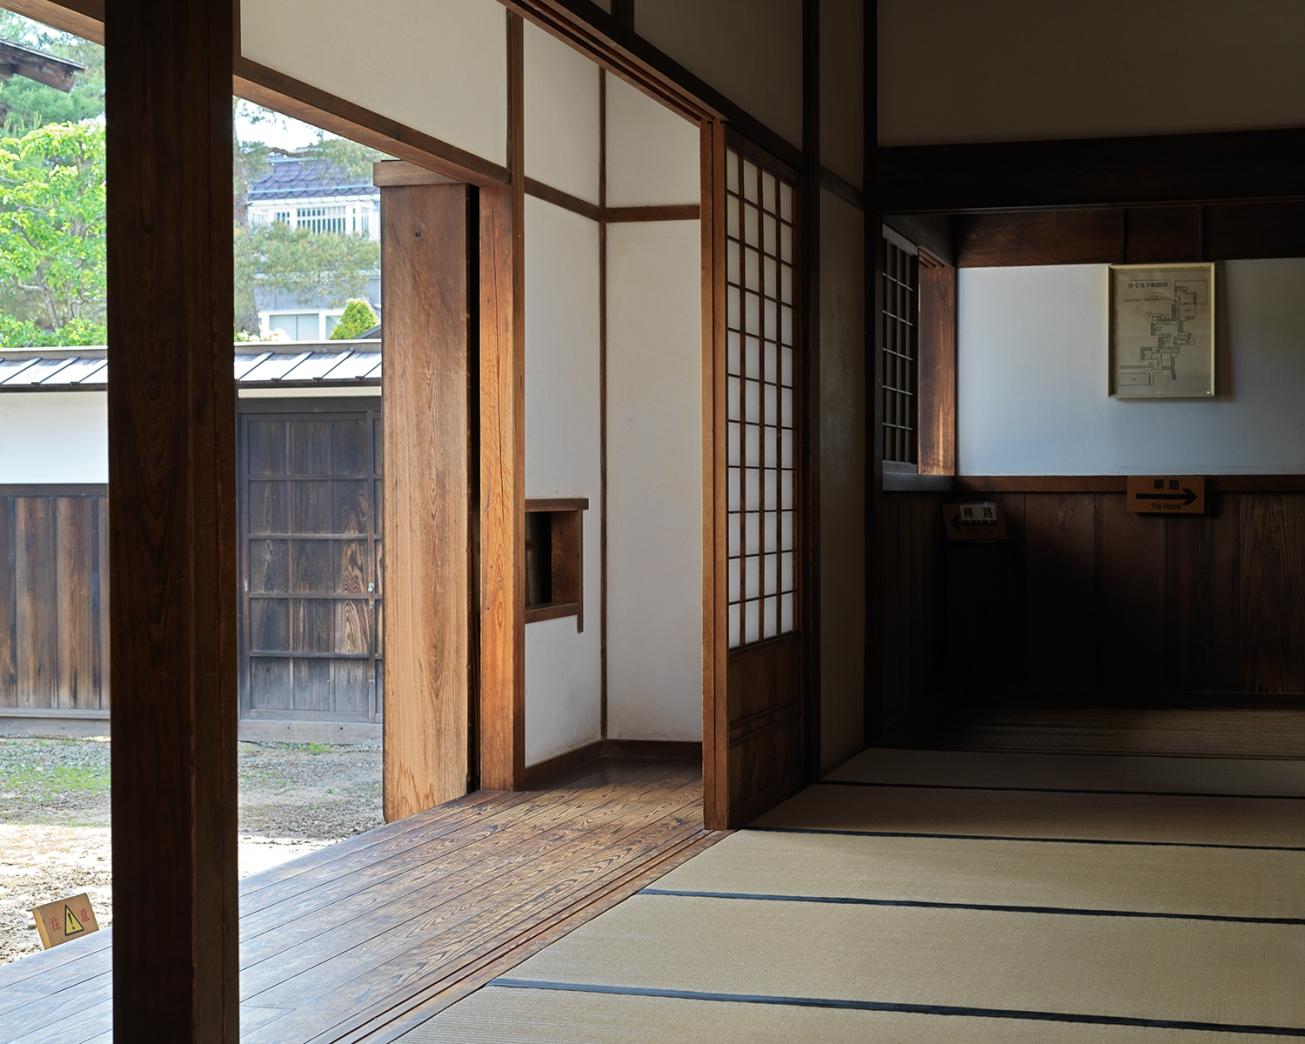 takayama_01_0029